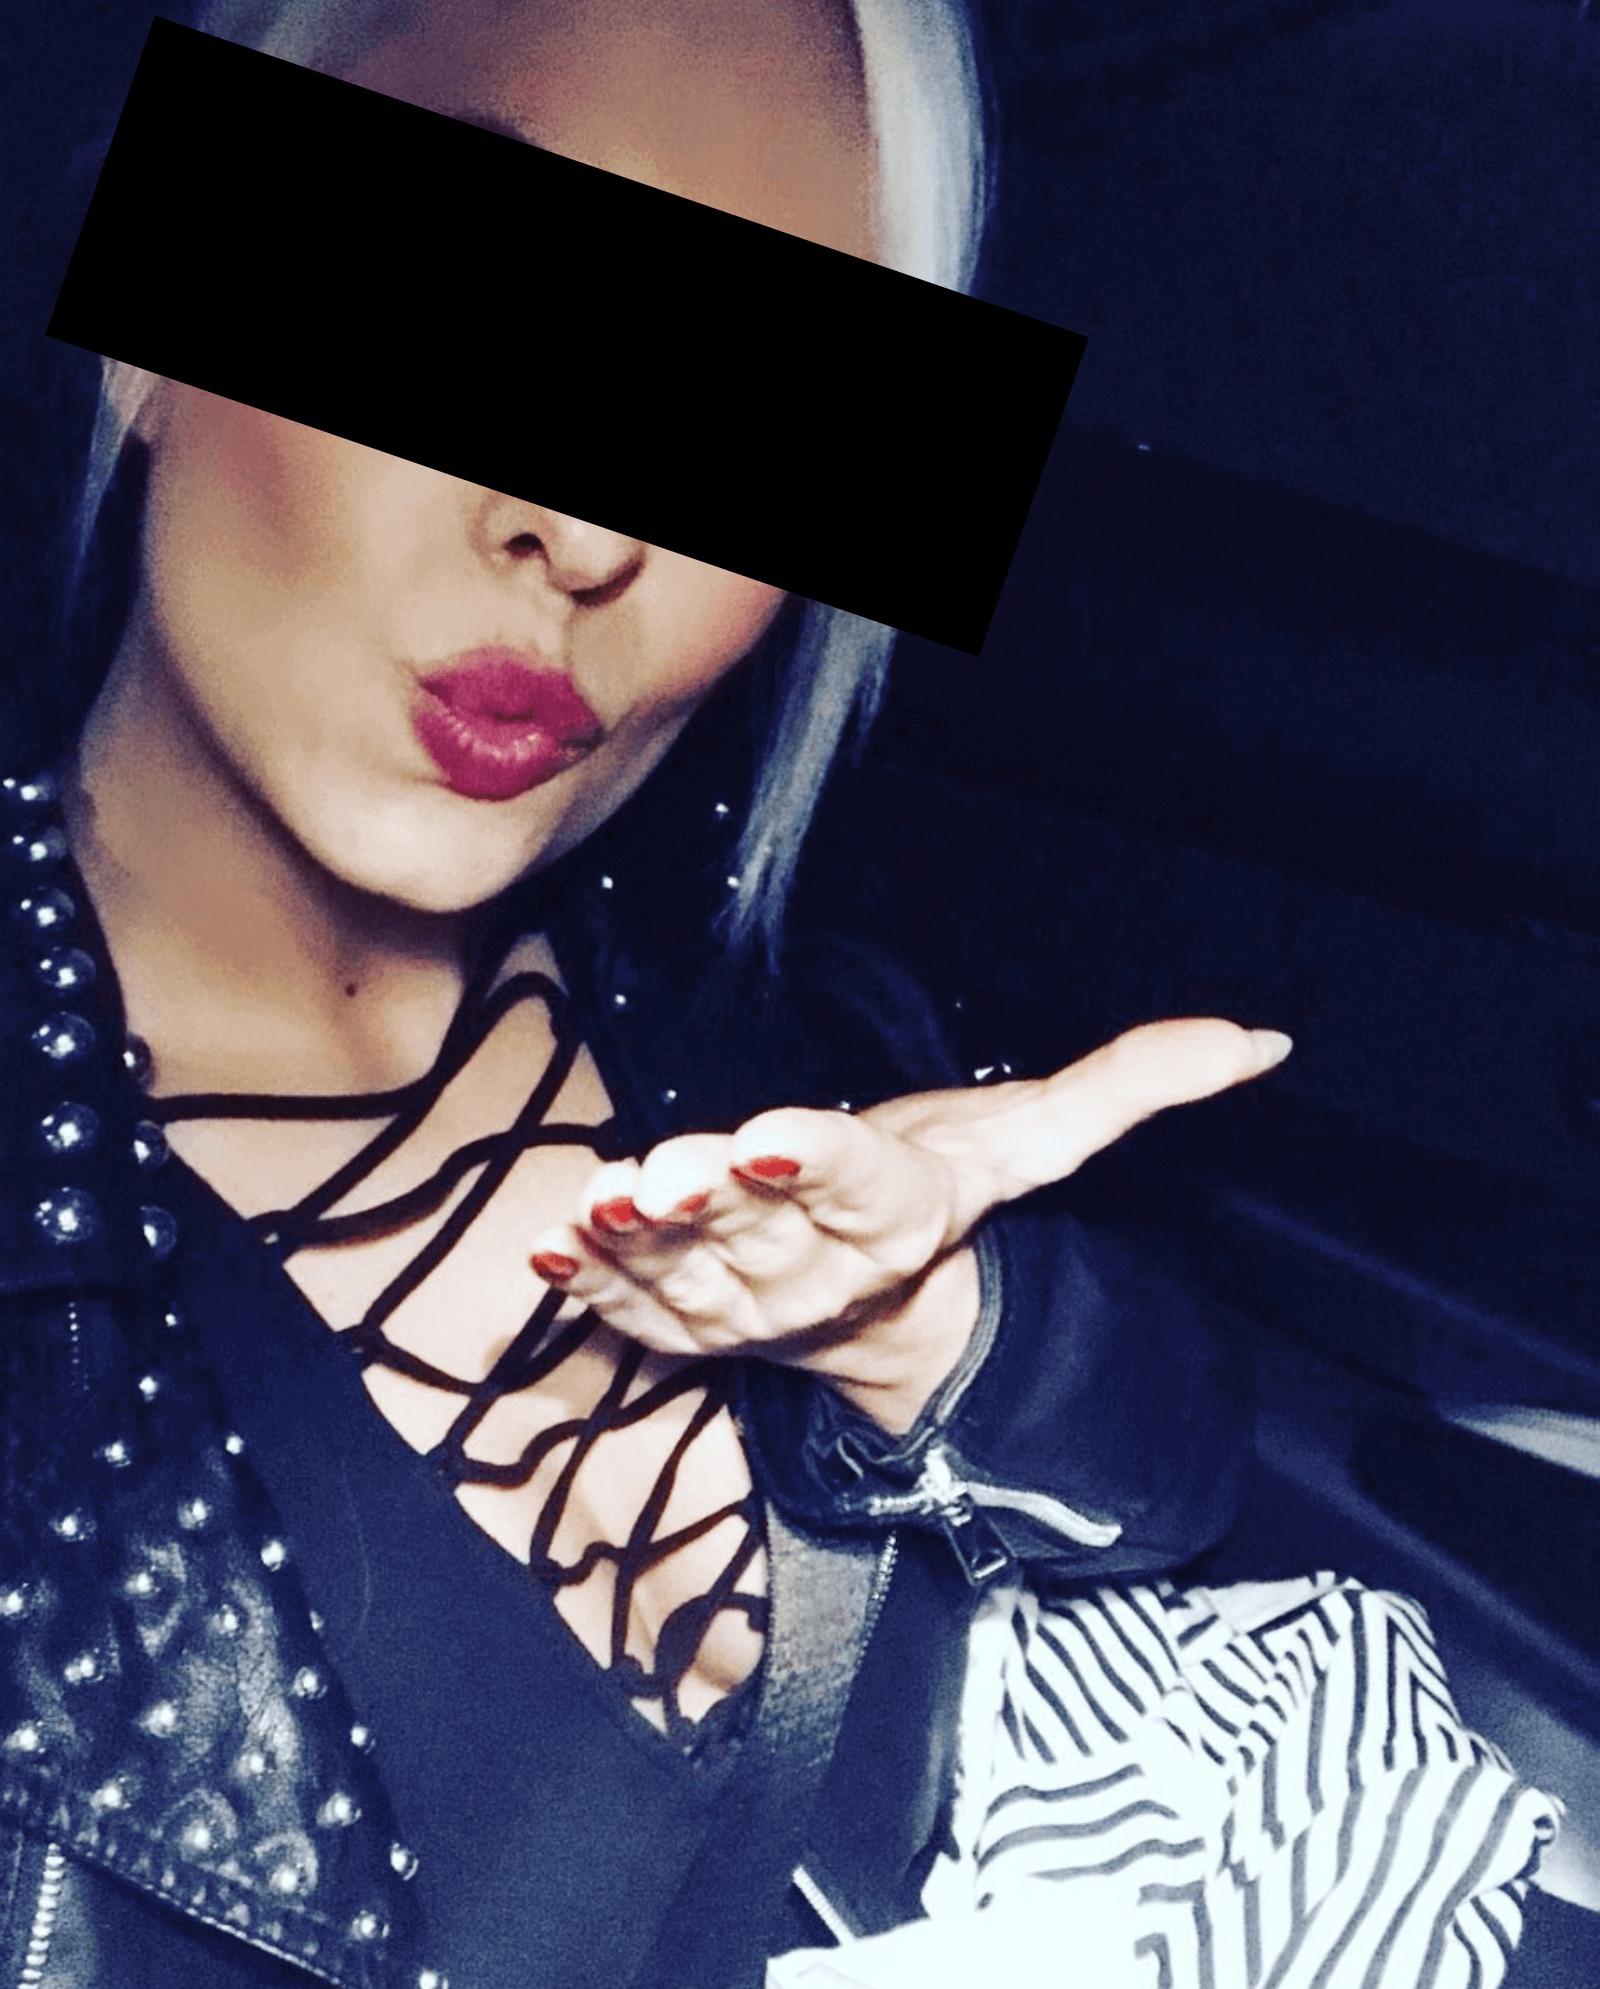 Frauen auf online-dating-sites wollen einfach nur aufmerksamkeit